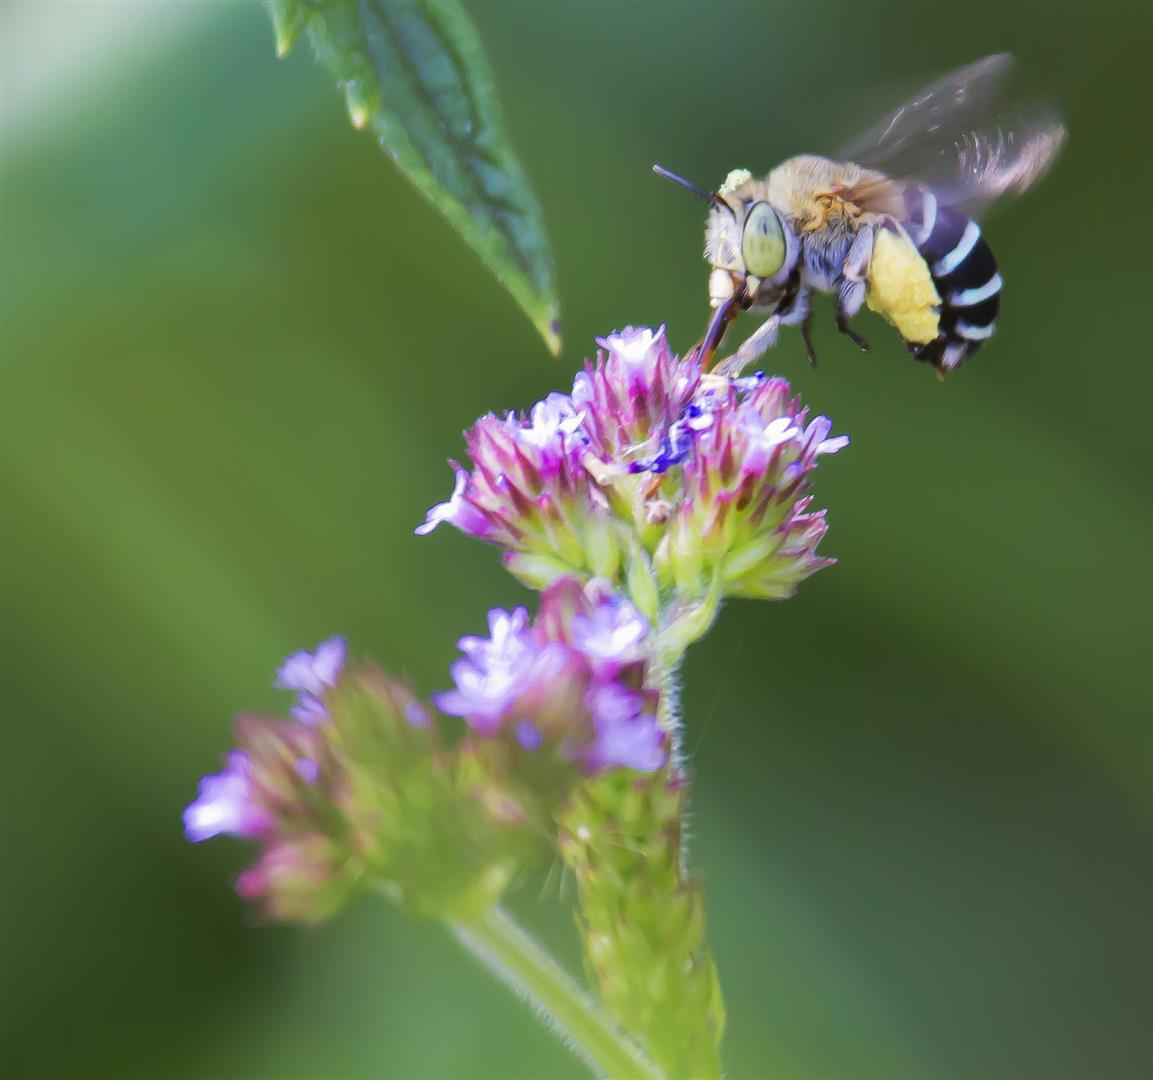 Blue-banded Bee (Amegilla sp.), Rockmount.